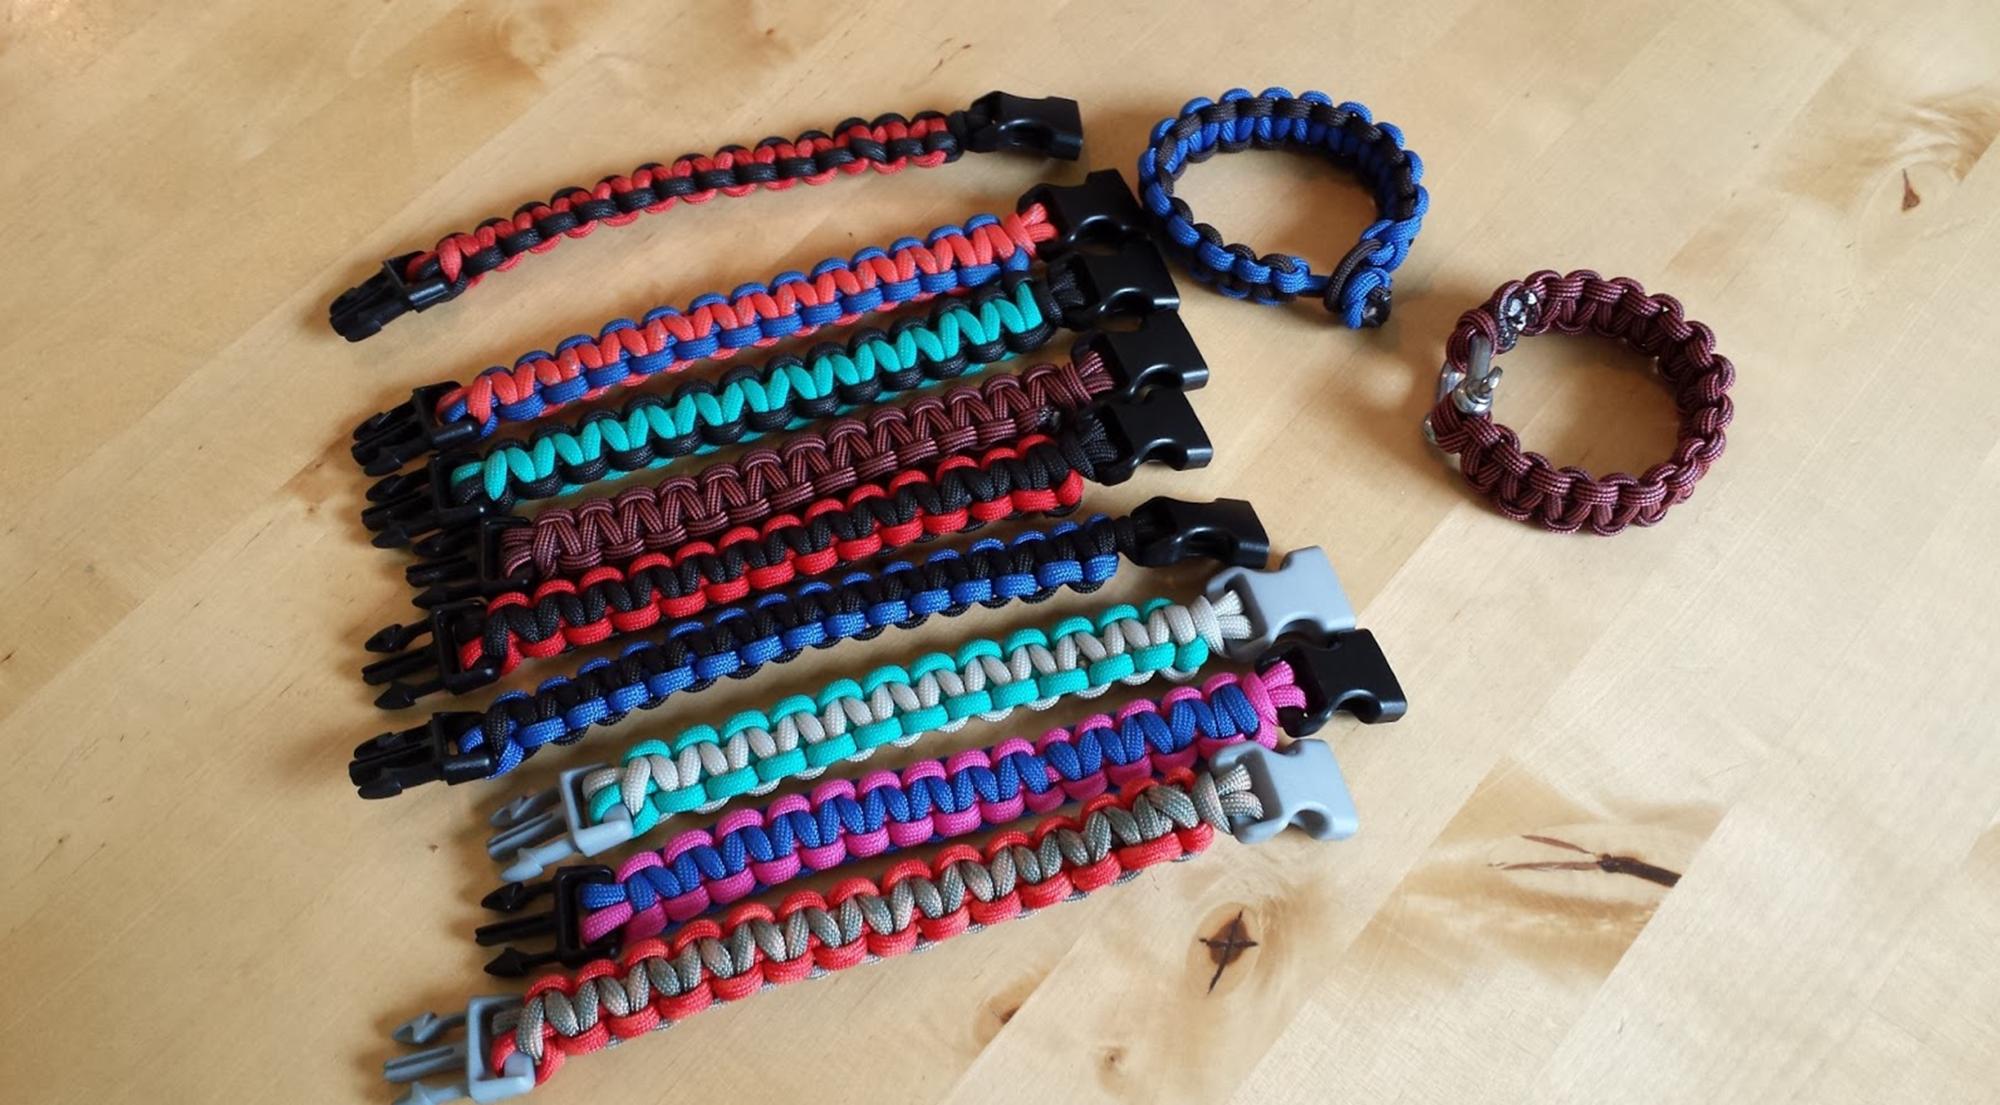 Image of survival bracelets.